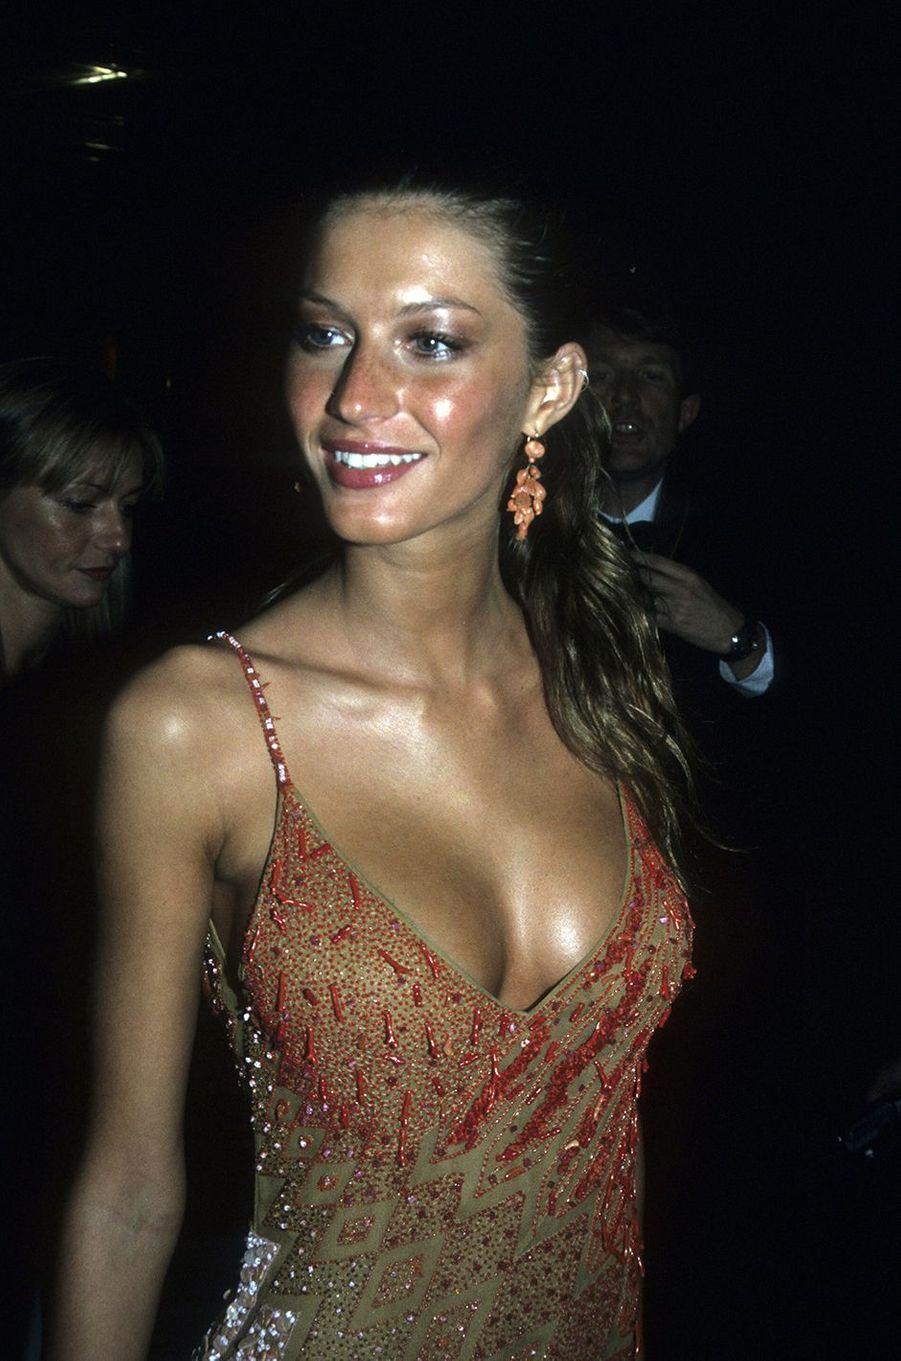 Gisele Bündchen lors d'une édition du Met Gala à New York à la fin des années 1990